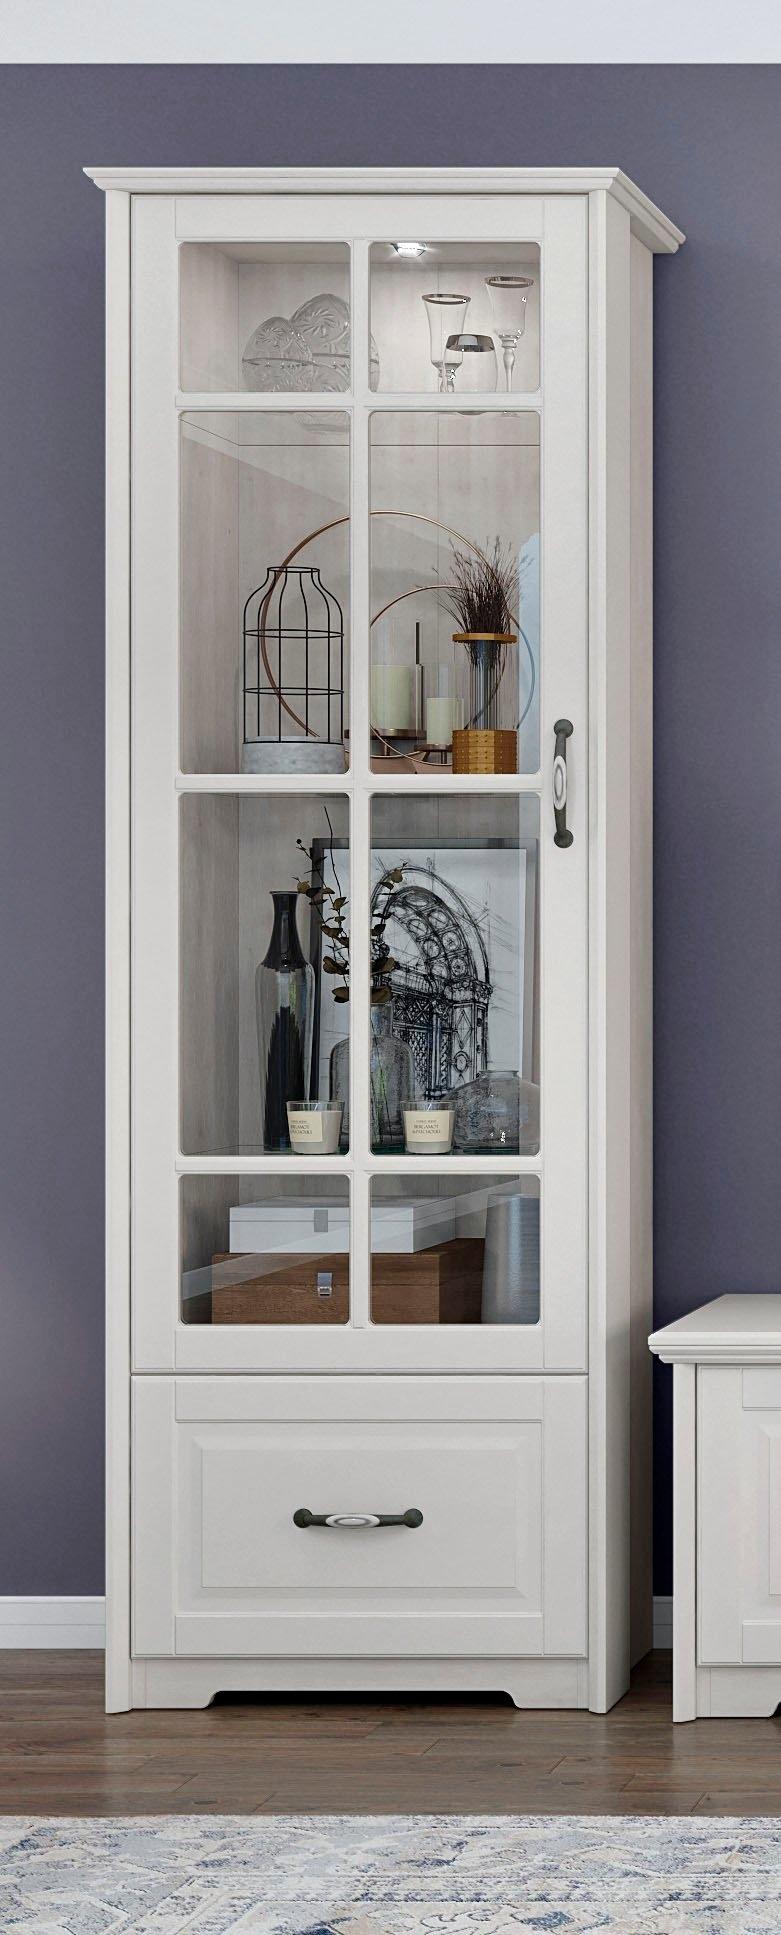 Home affaire vitrinekast Evergreen UV gelakt, deur met veiligheidsglas 4 mm, met soft-closefunctie bij OTTO online kopen